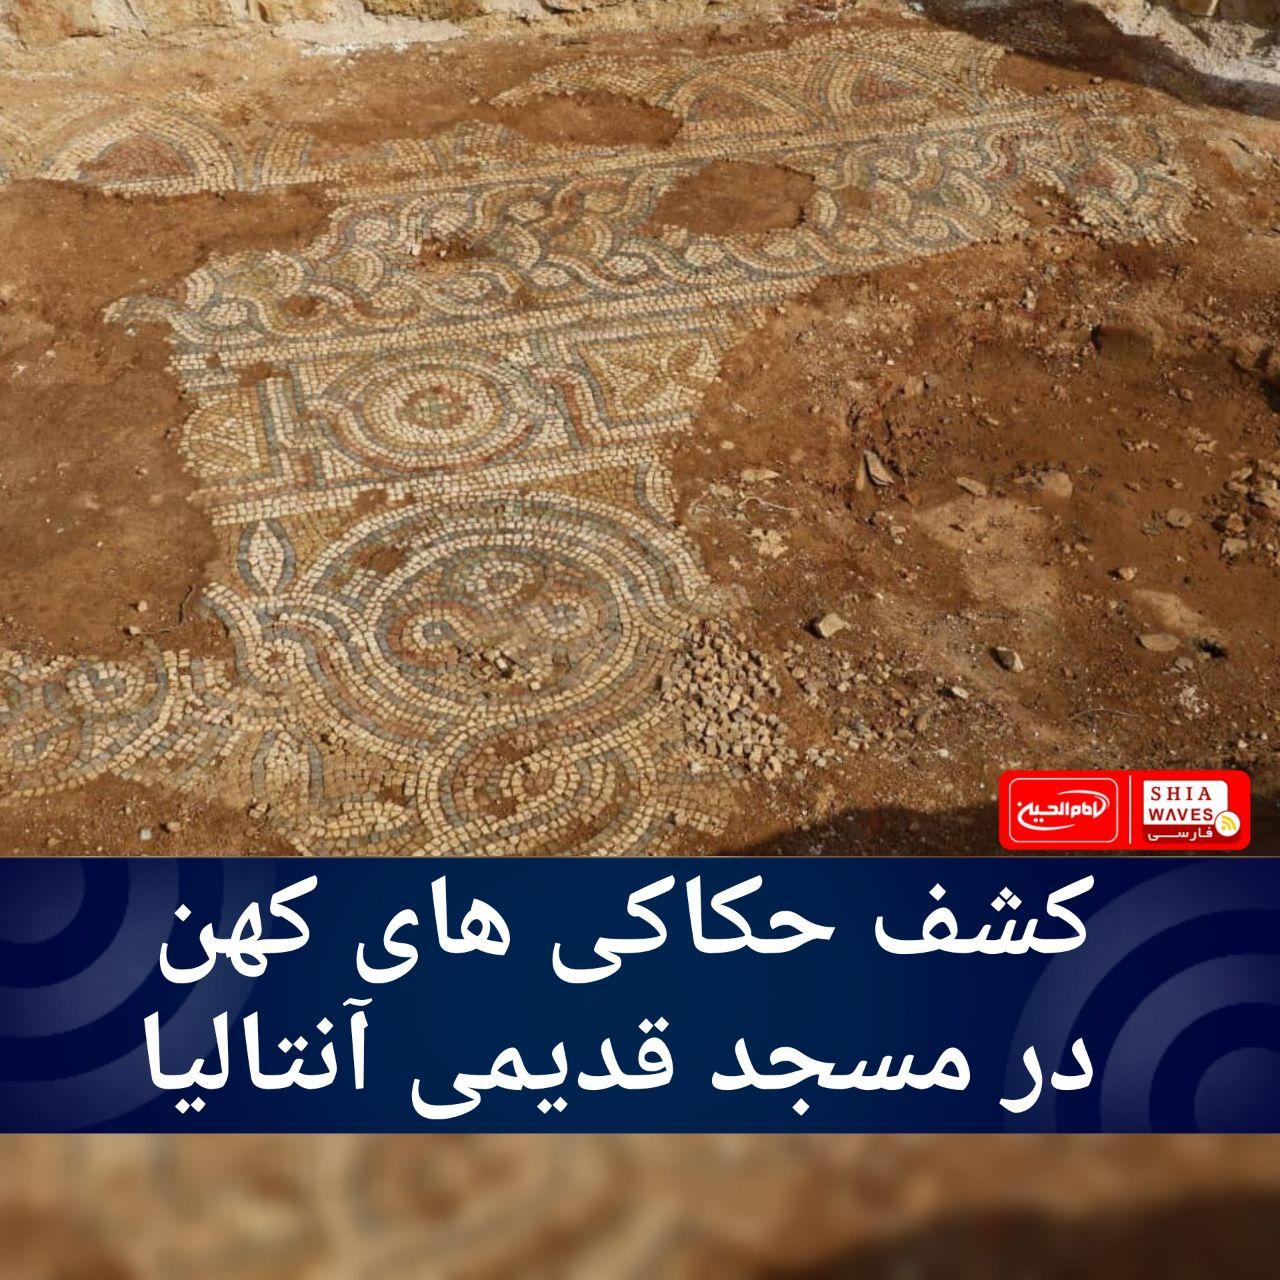 تصویر کشف حکاکی های کهن در مسجد قدیمی آنتالیا